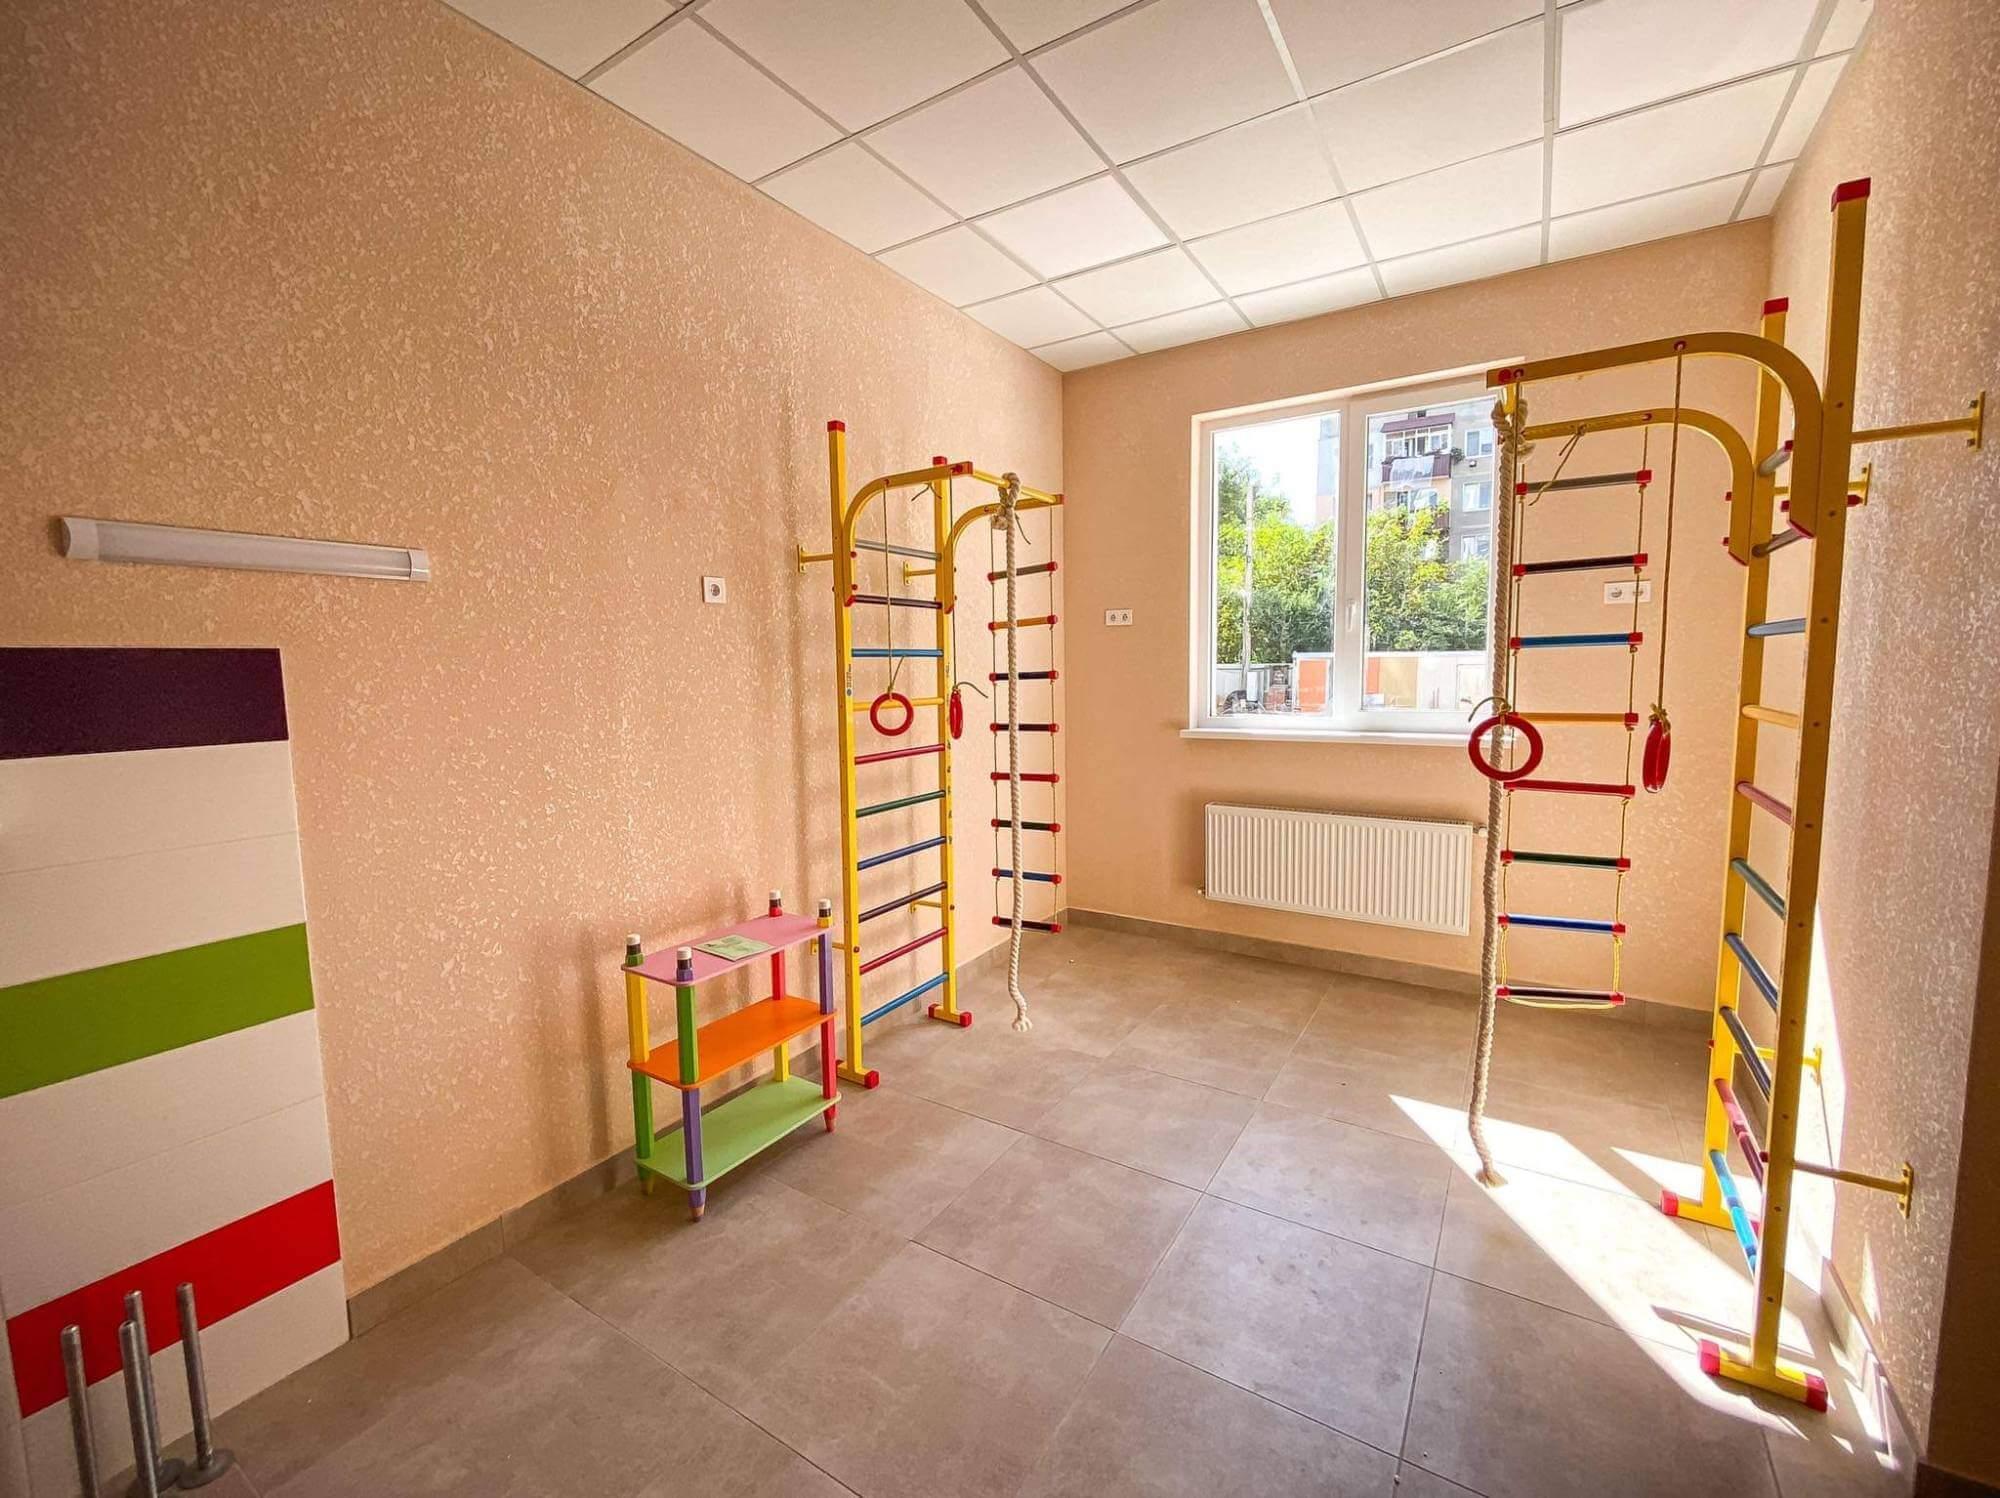 Івано-Франківськ отримав сучасне приміщення під дитячу поліклініку  (ФОТО)